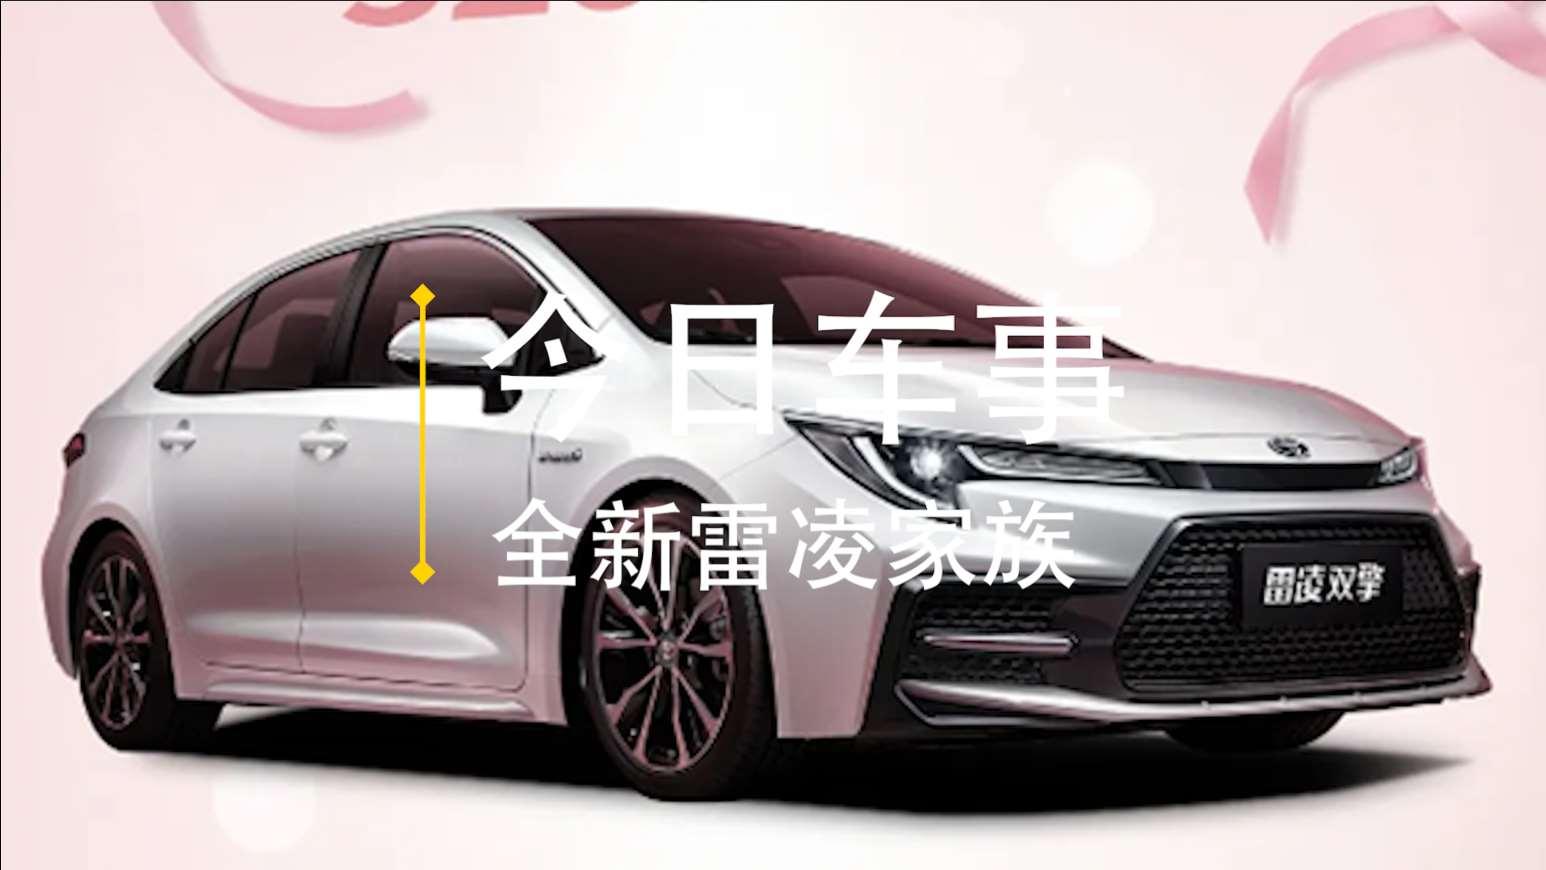 将于7月份内上市 新款广汽丰田雷凌官图